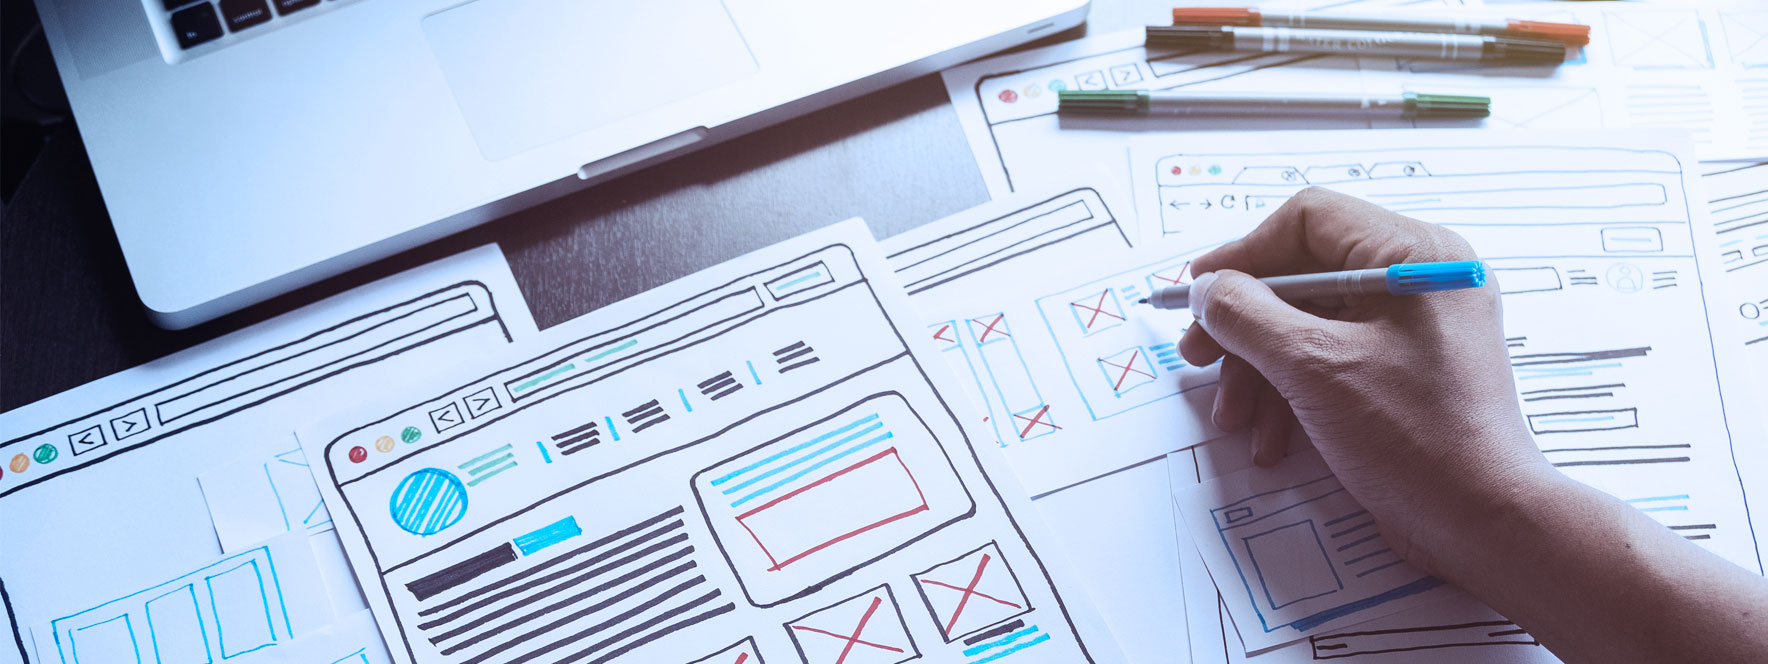 Choisir l'entreprise qui fera votre site web - Blogue du Réseau